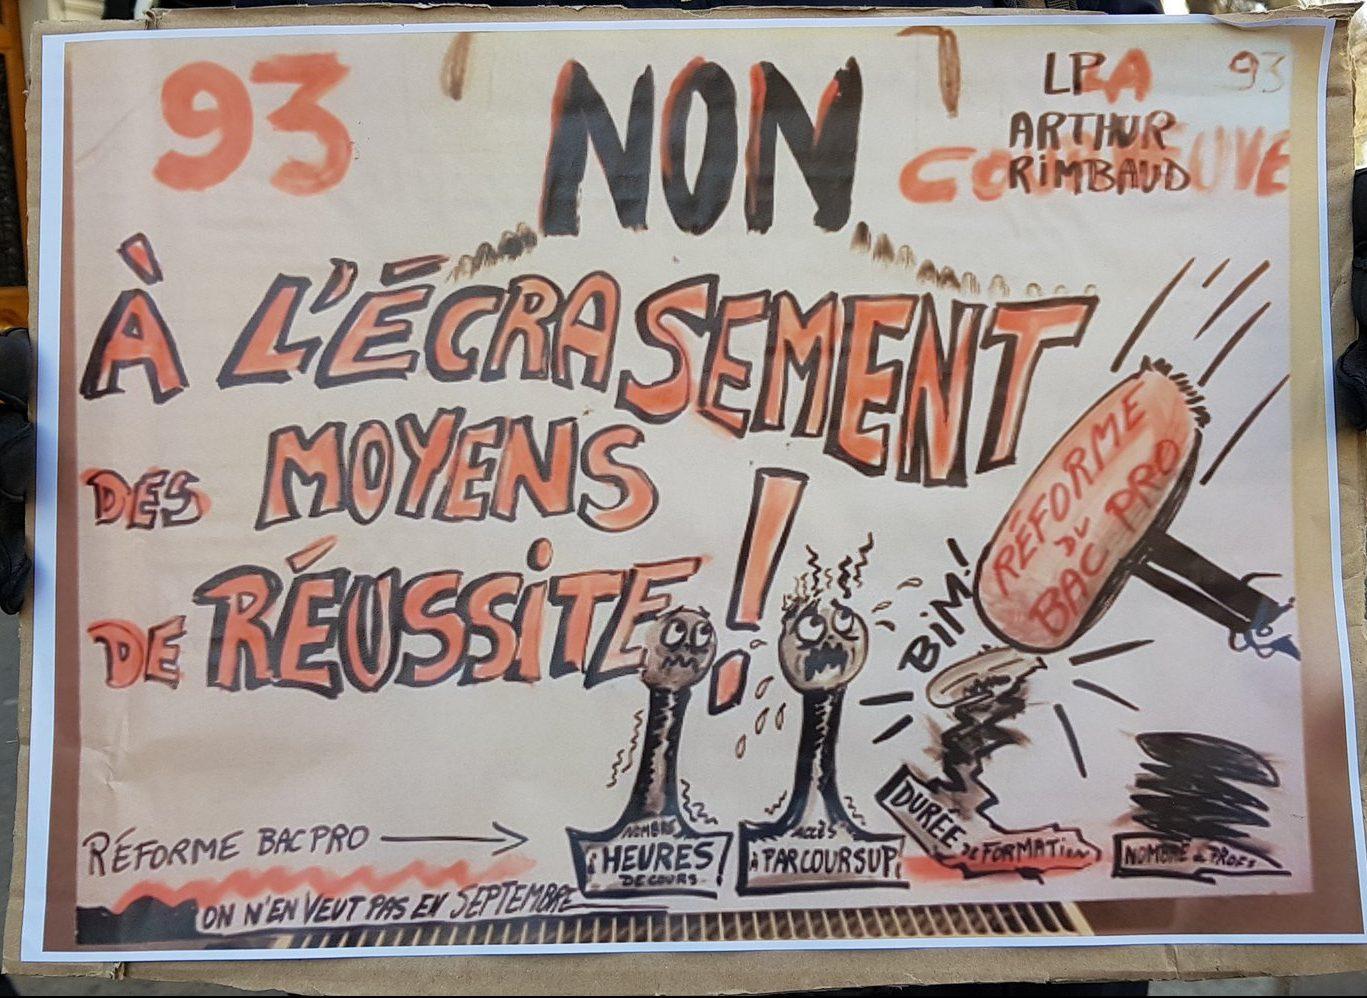 200528 - Manifestation Paris éducation 14 décembre 2018 by La Chouette - La Déviation